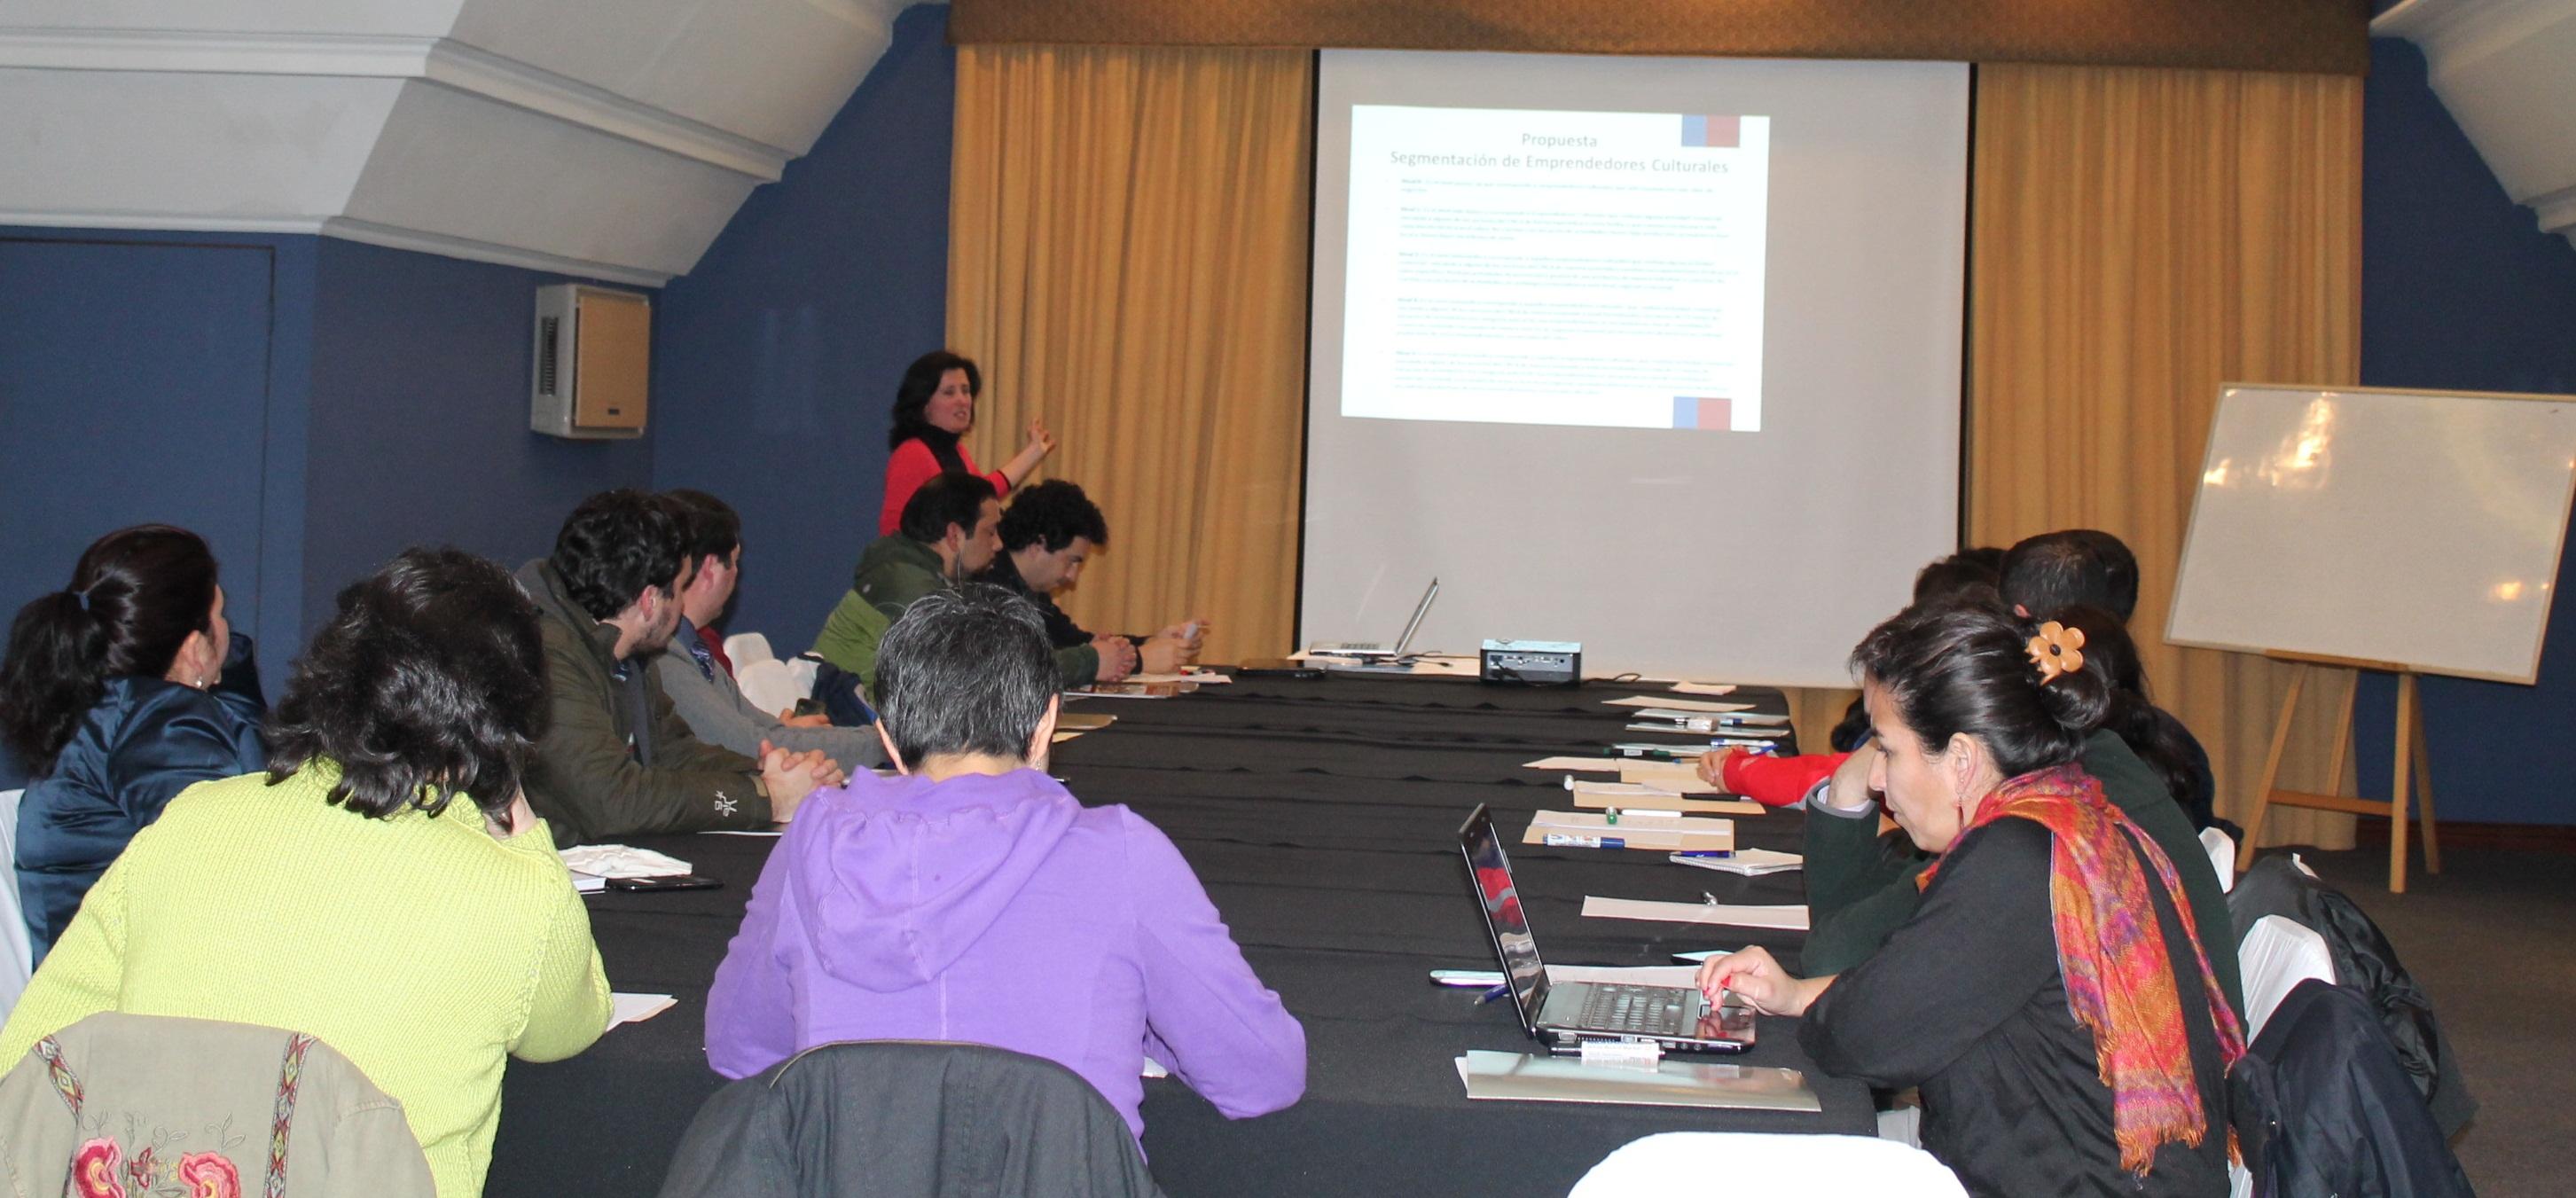 Consejo Regional de Los Ríos invita a charlas y jornadas de capacitación para postular a los Fondos 2015